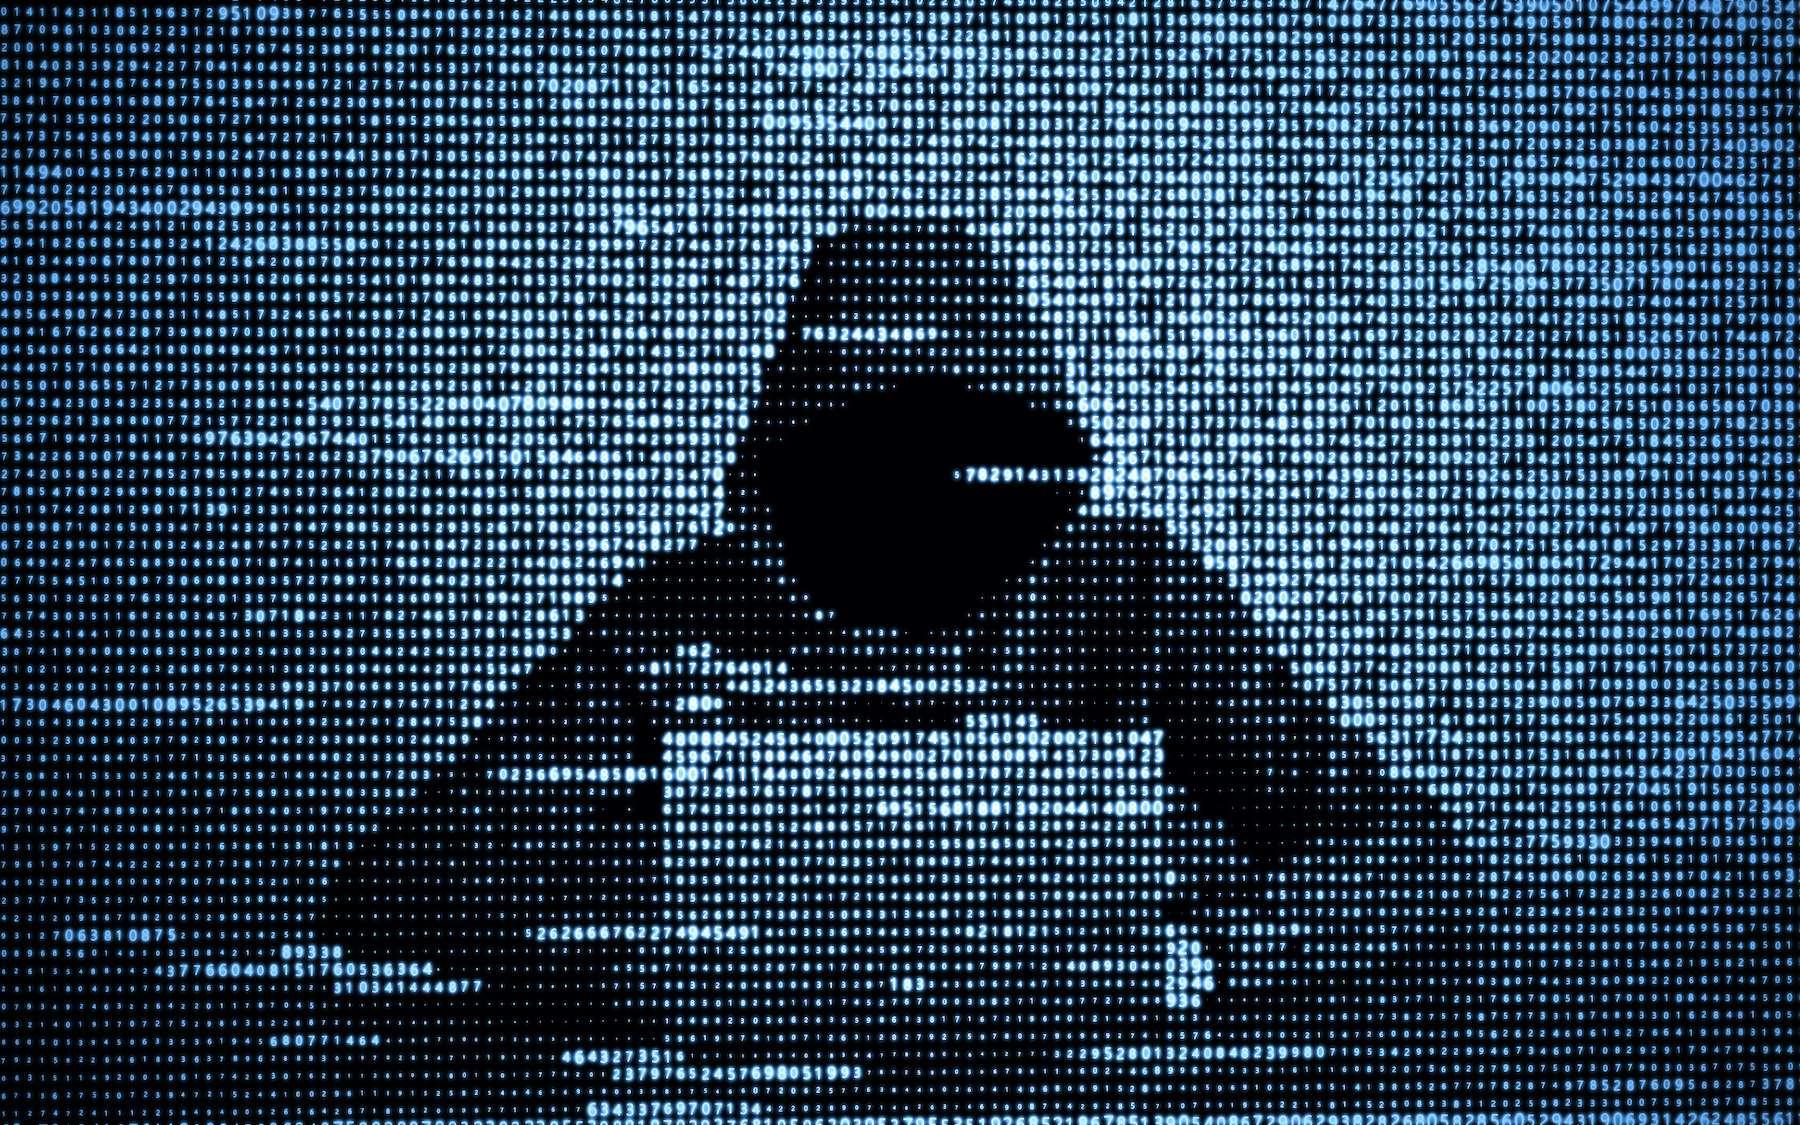 Une cyberattaque vise à nuire à la victime au moyen du réseau informatique. © Oleksiin, Adobe Stock